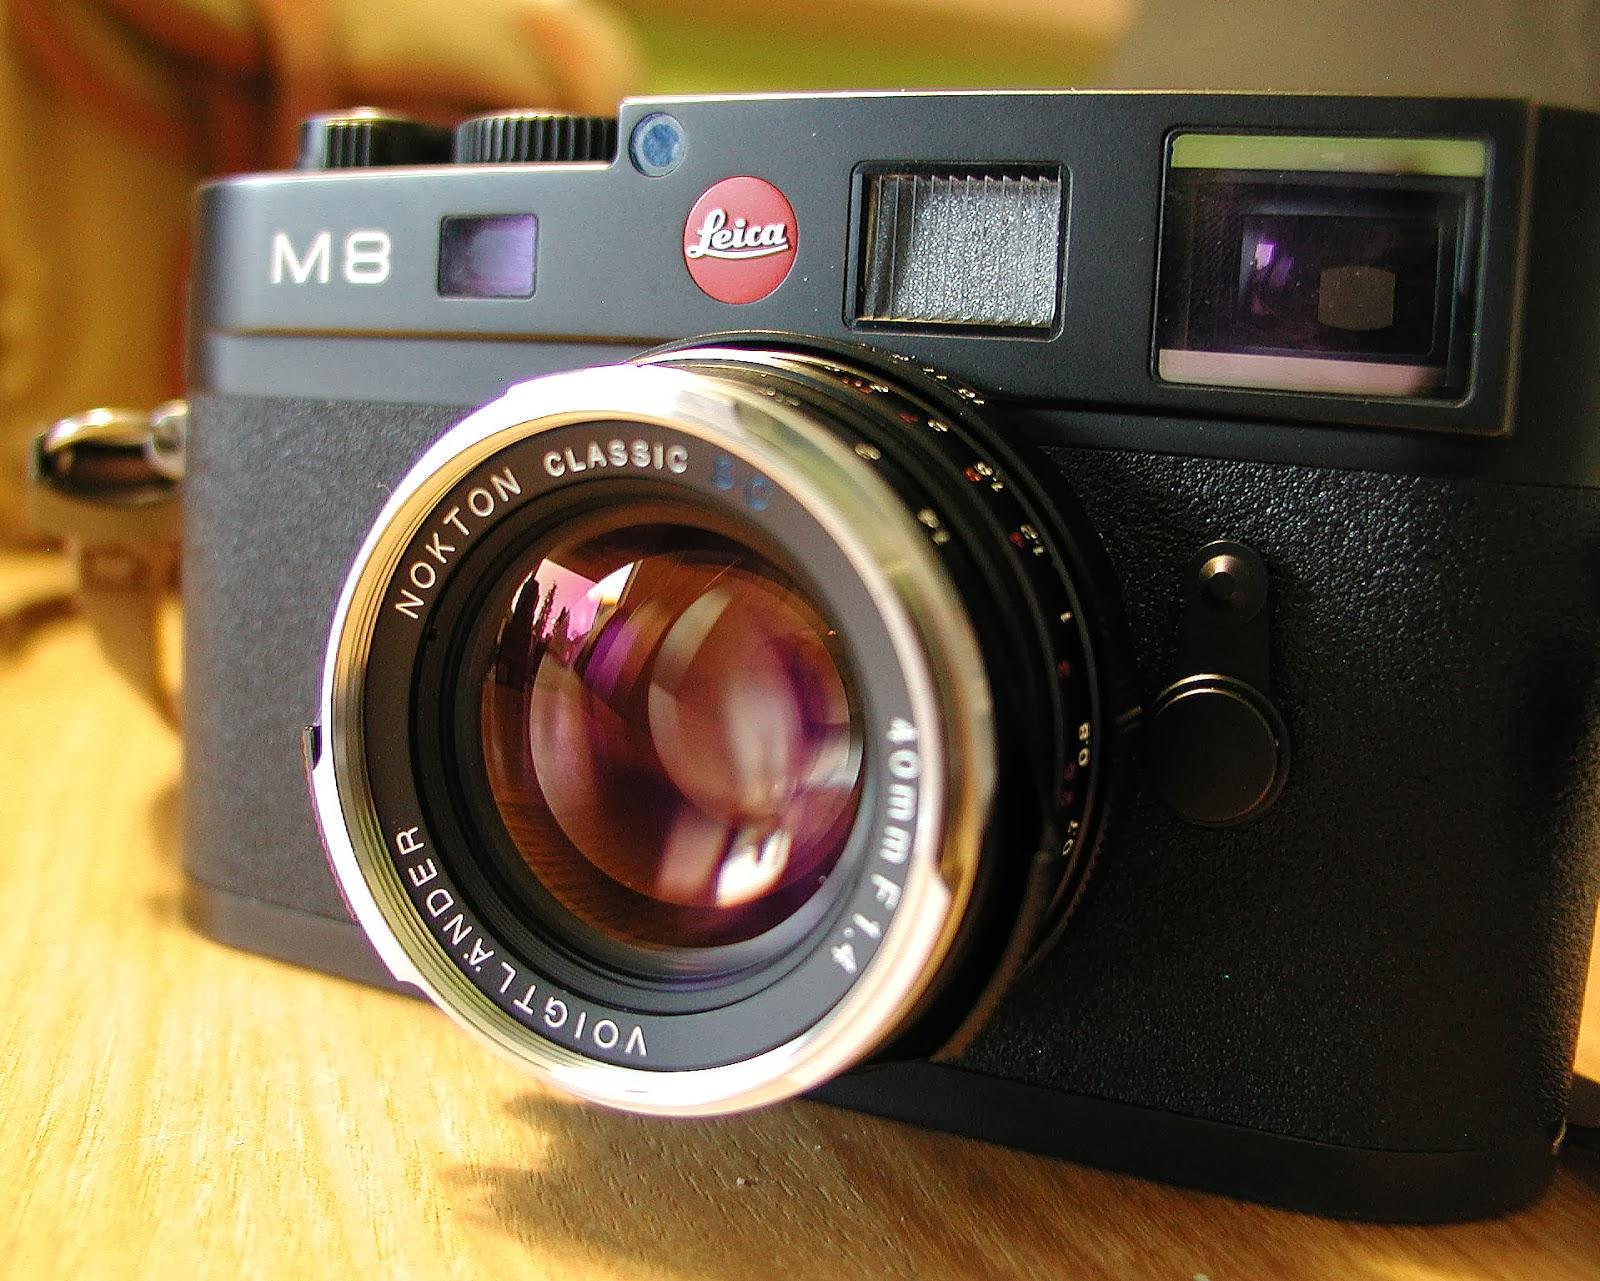 Nokton 40mm on Leica M8